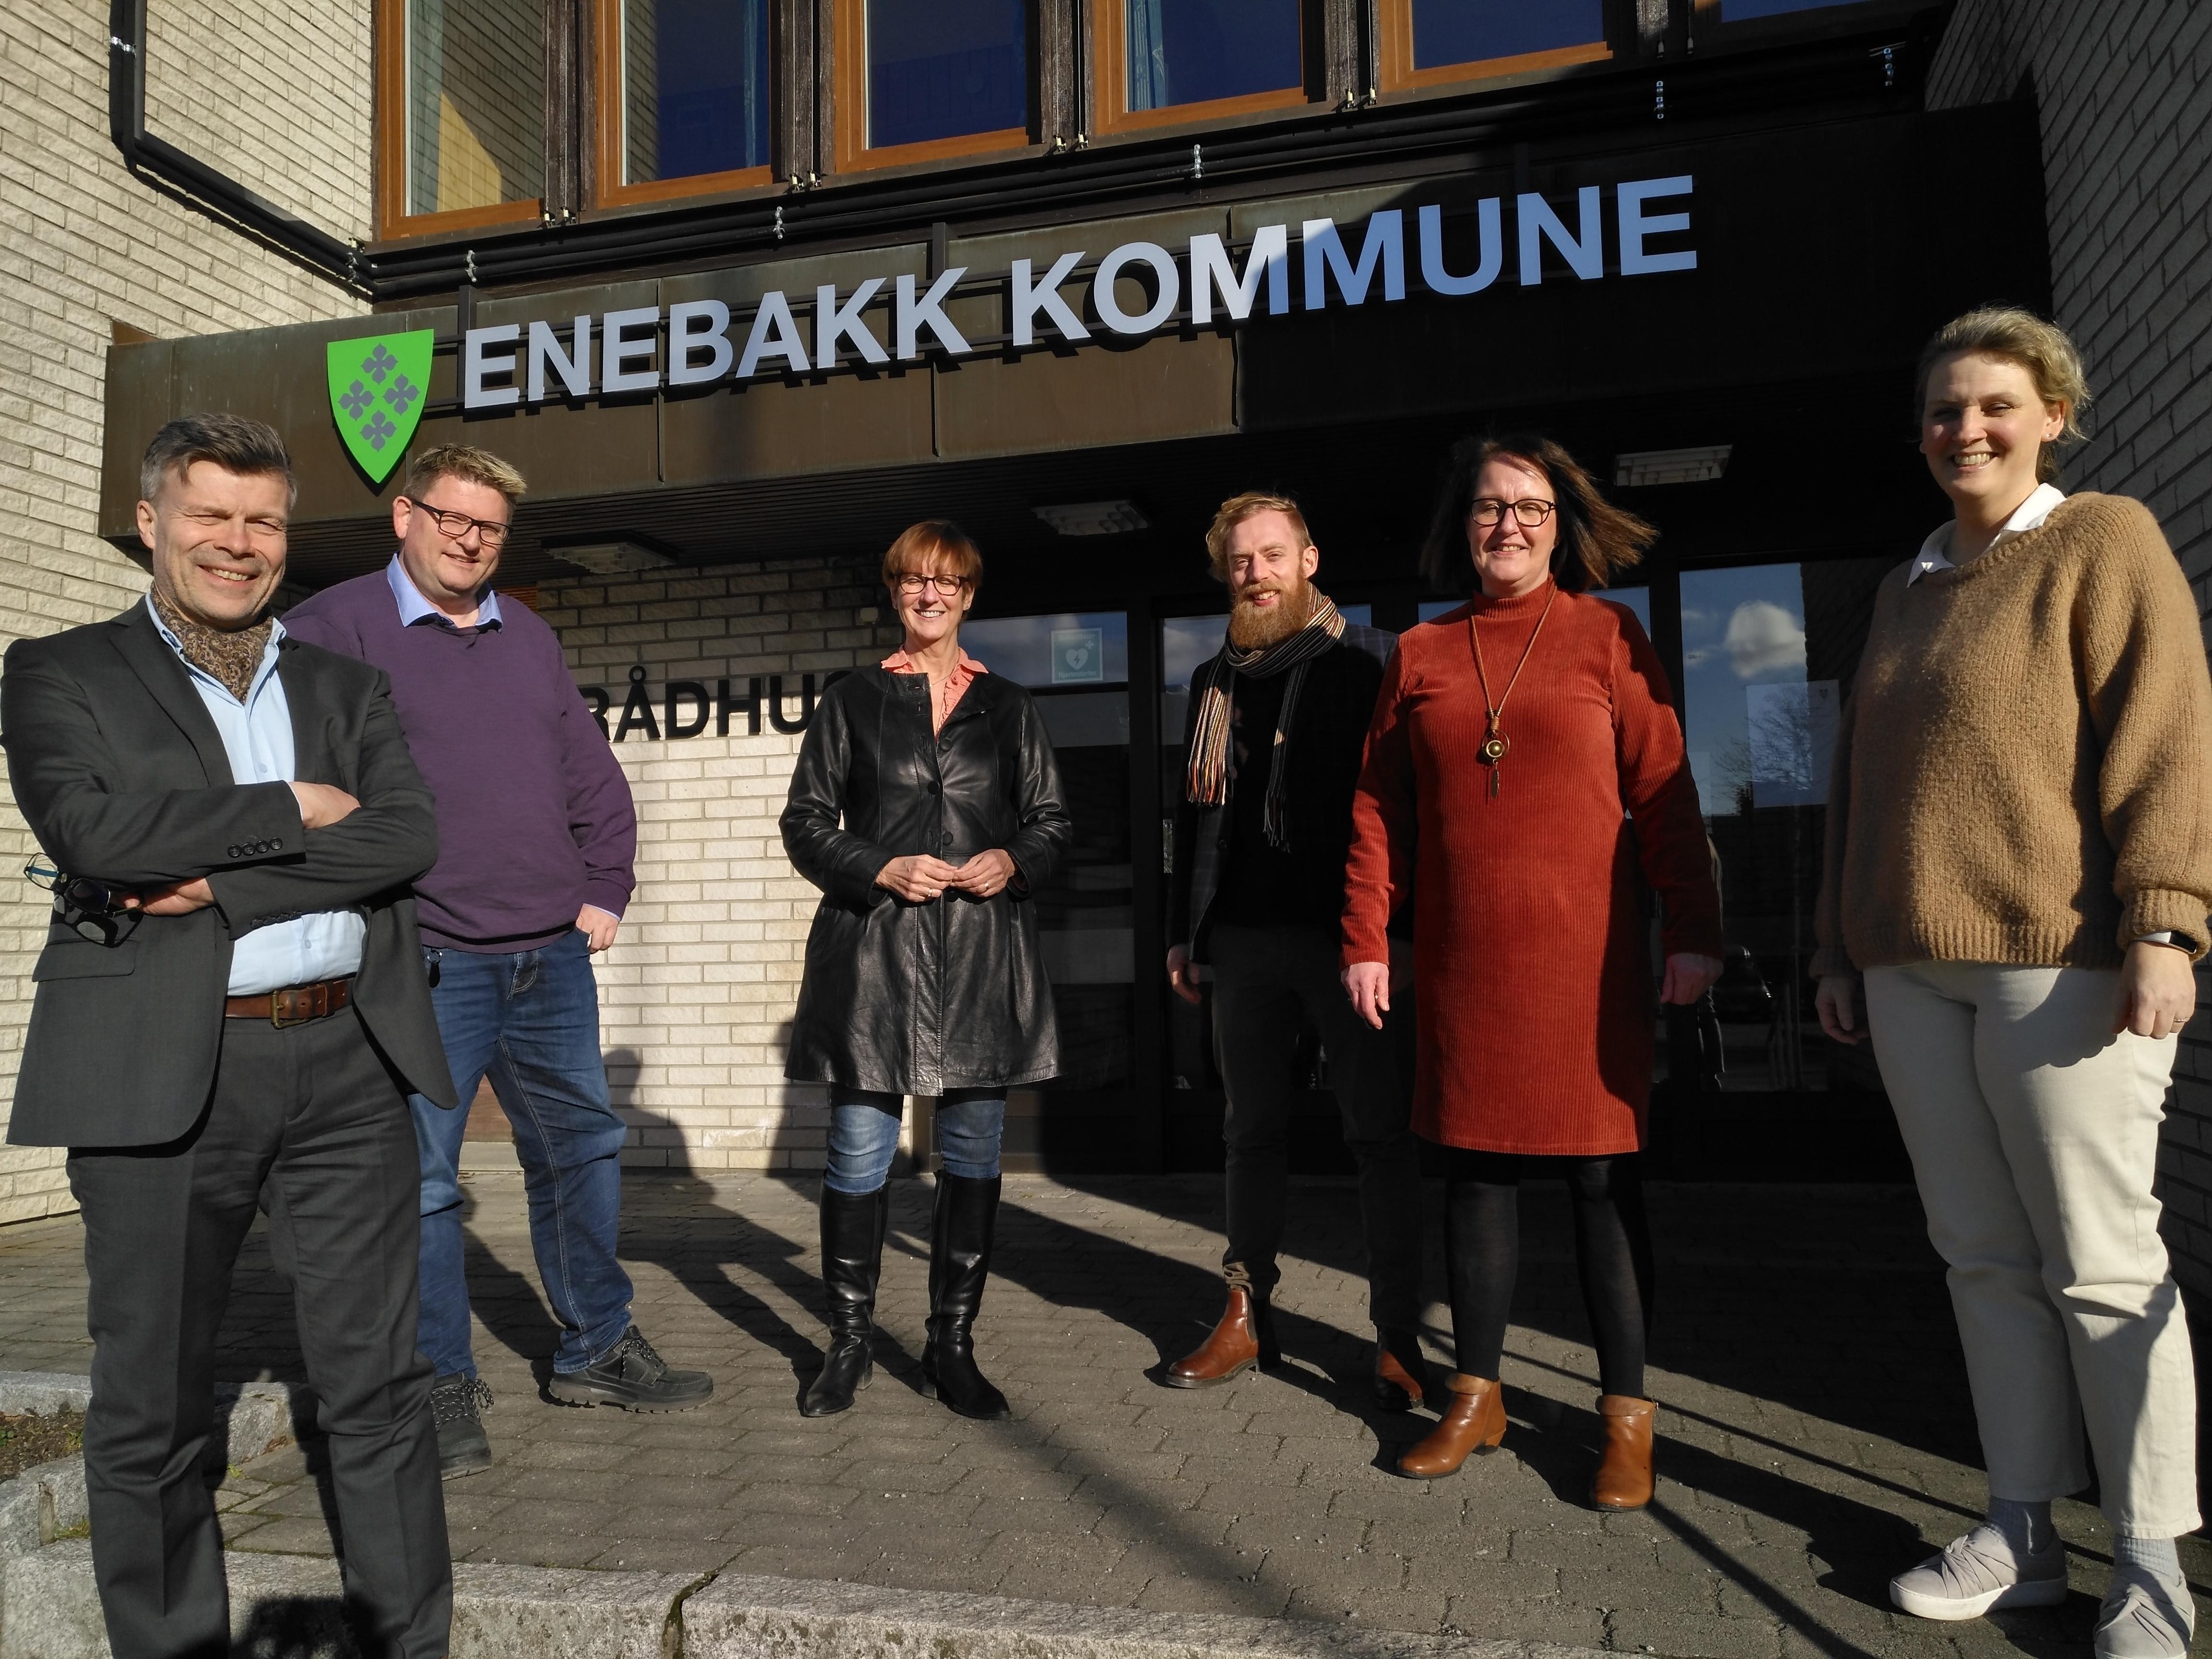 Koronavirus kriseledelse - Foto - Aksel I. Edgar-Lund.jpg